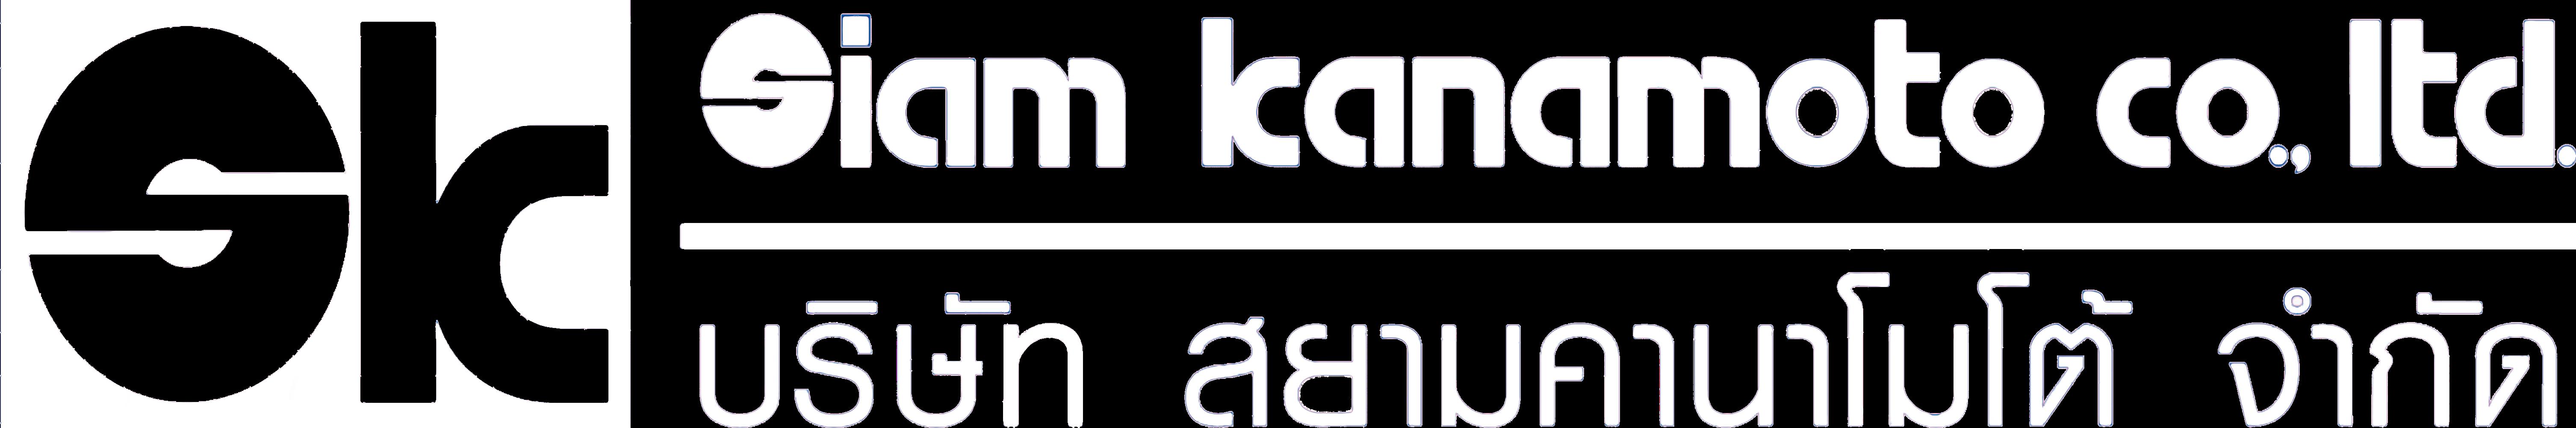 siamkanamoto